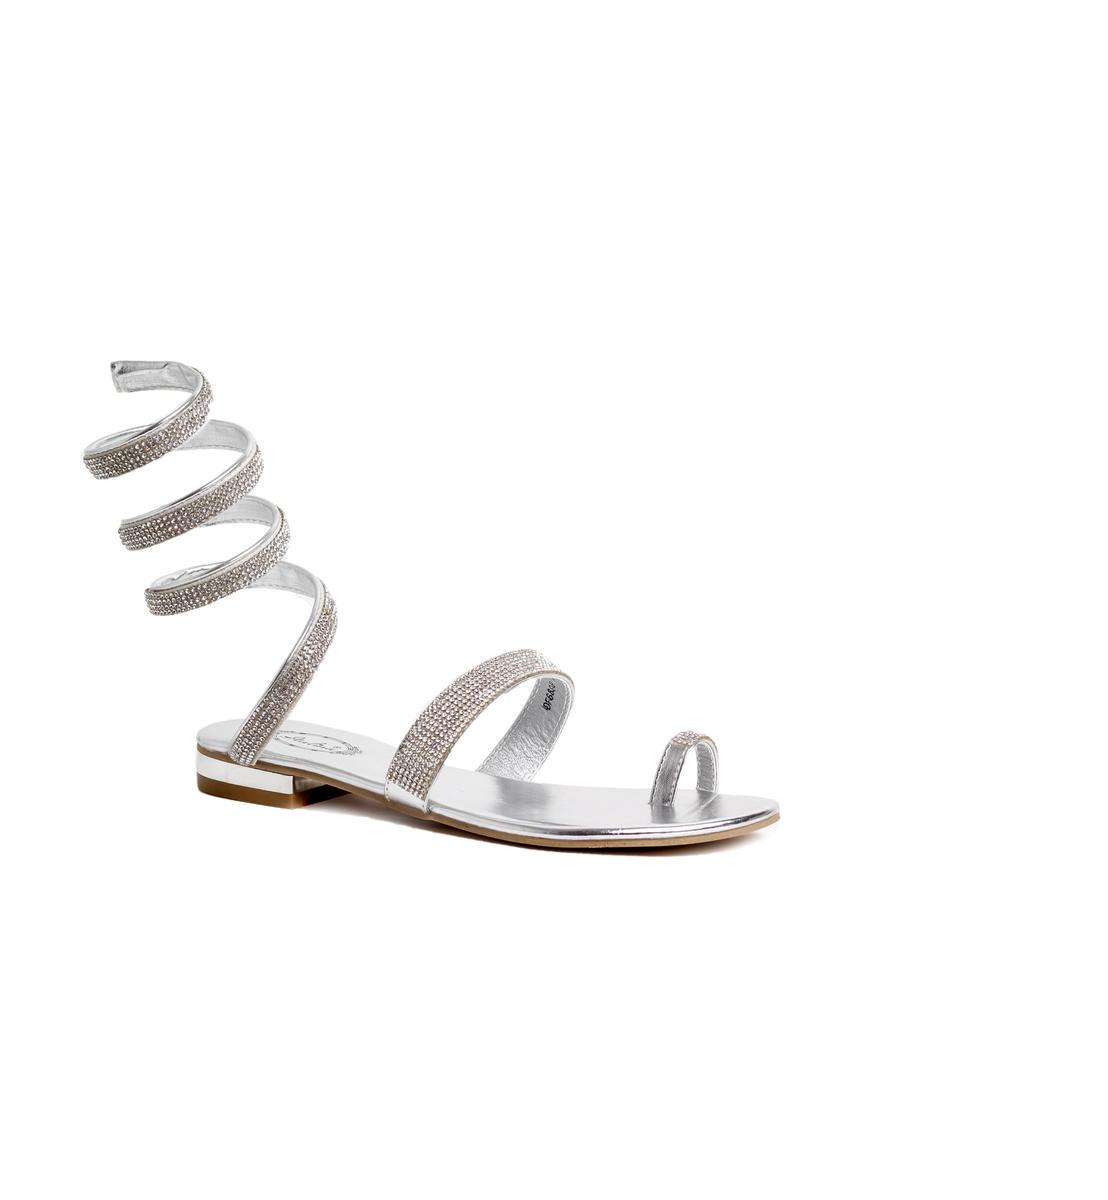 Spiral Flat Toe Thong Sandal